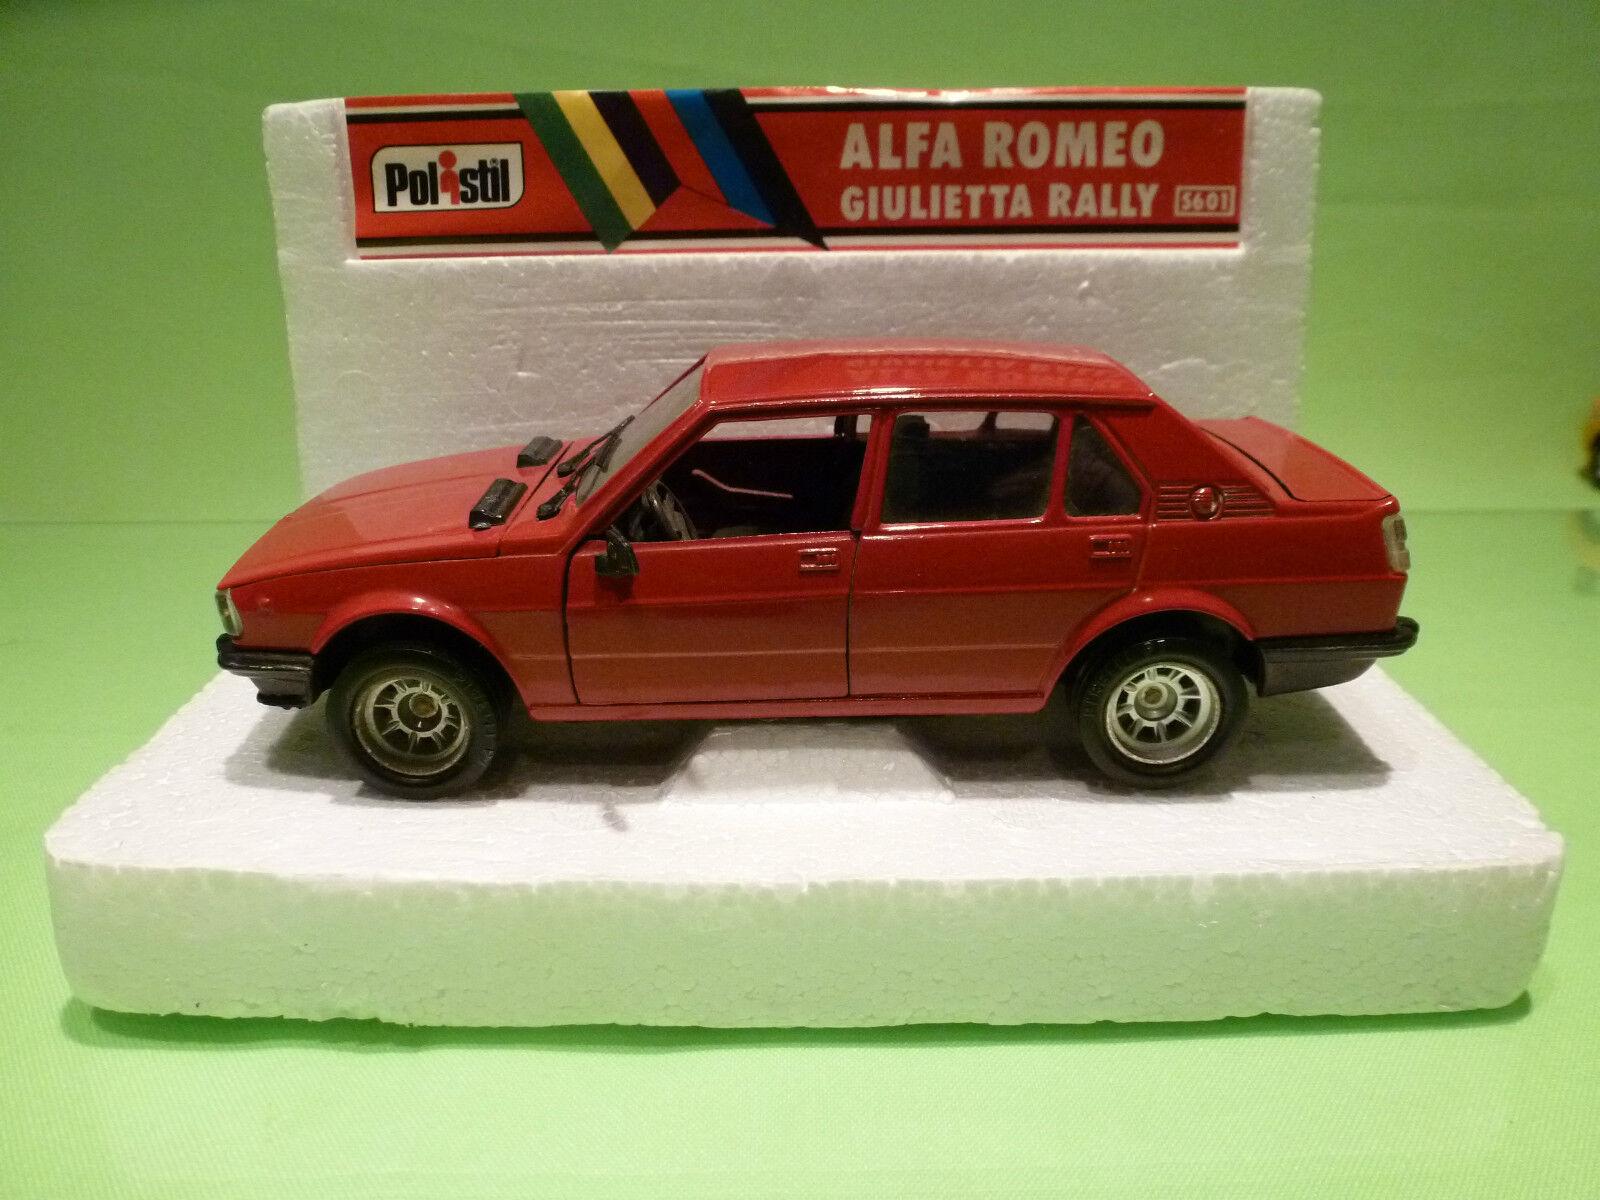 POLISTIL S601 ALFA ROMEO GIULIETTA  1 24 - RARE SELTEN - VERY GOOD CONDITION